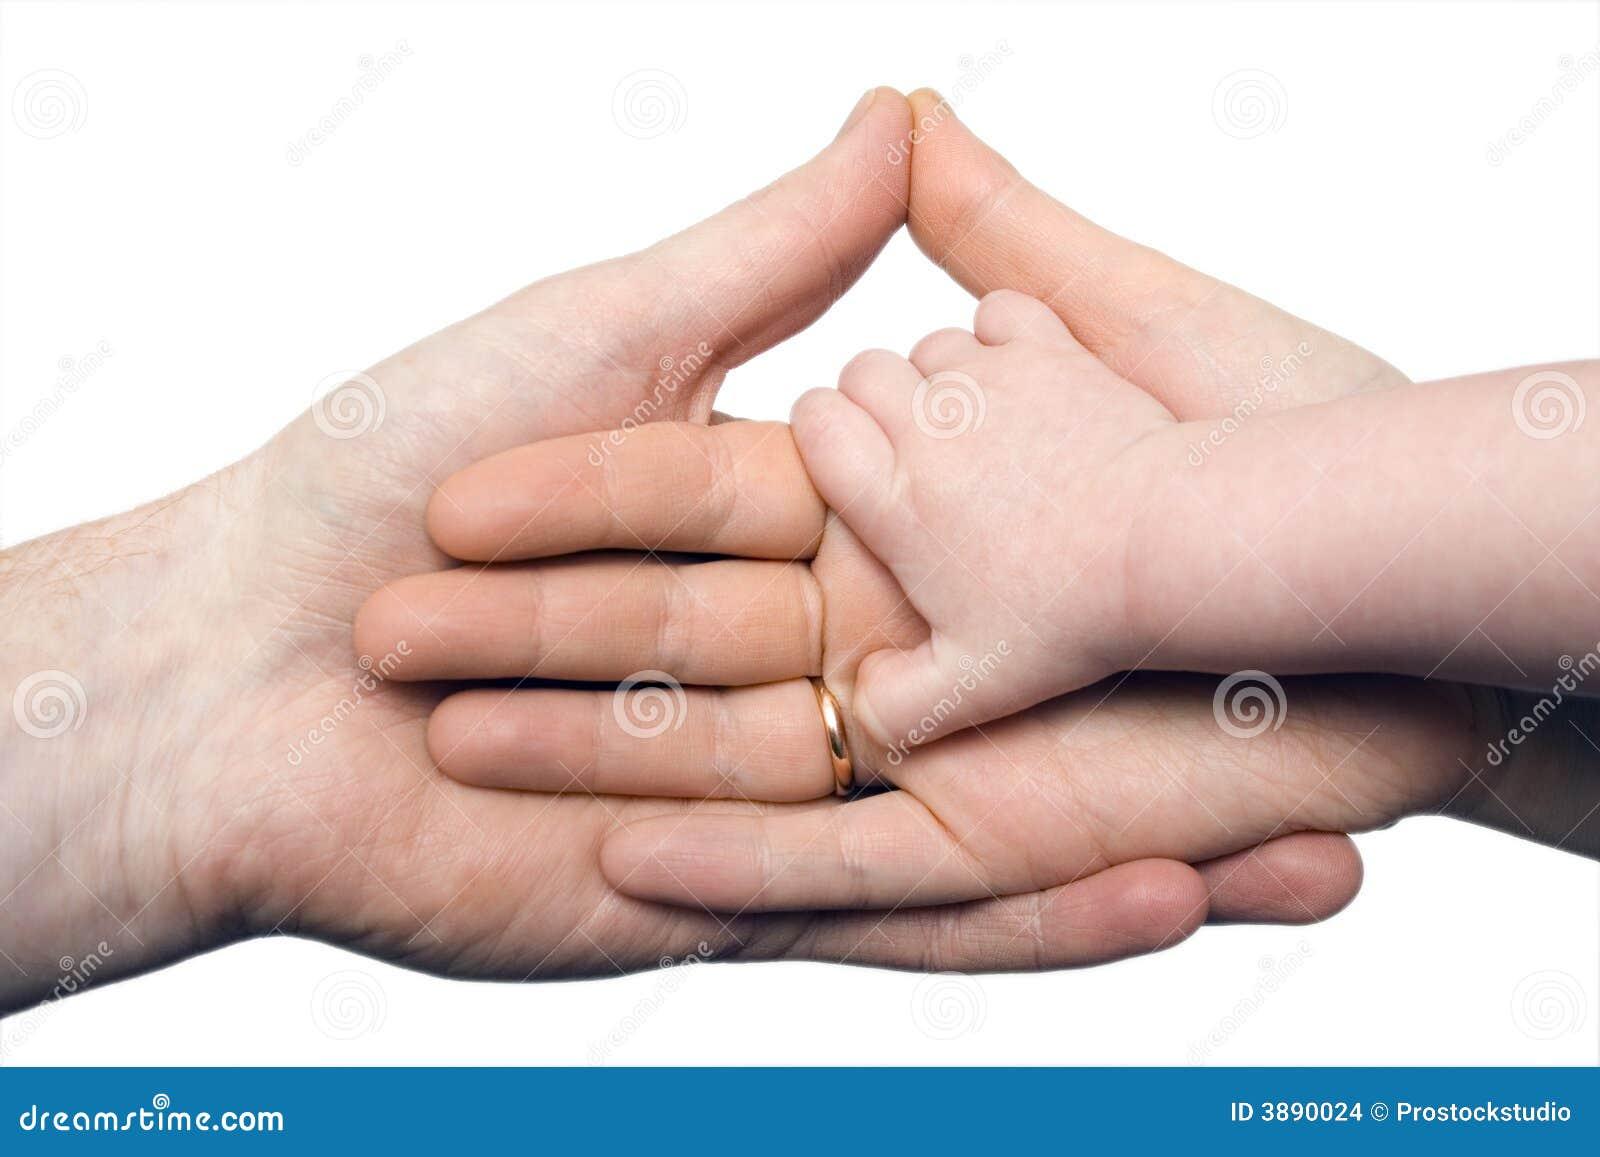 Trzymaj ręce dziecko ręce odizolowanych rodziców s